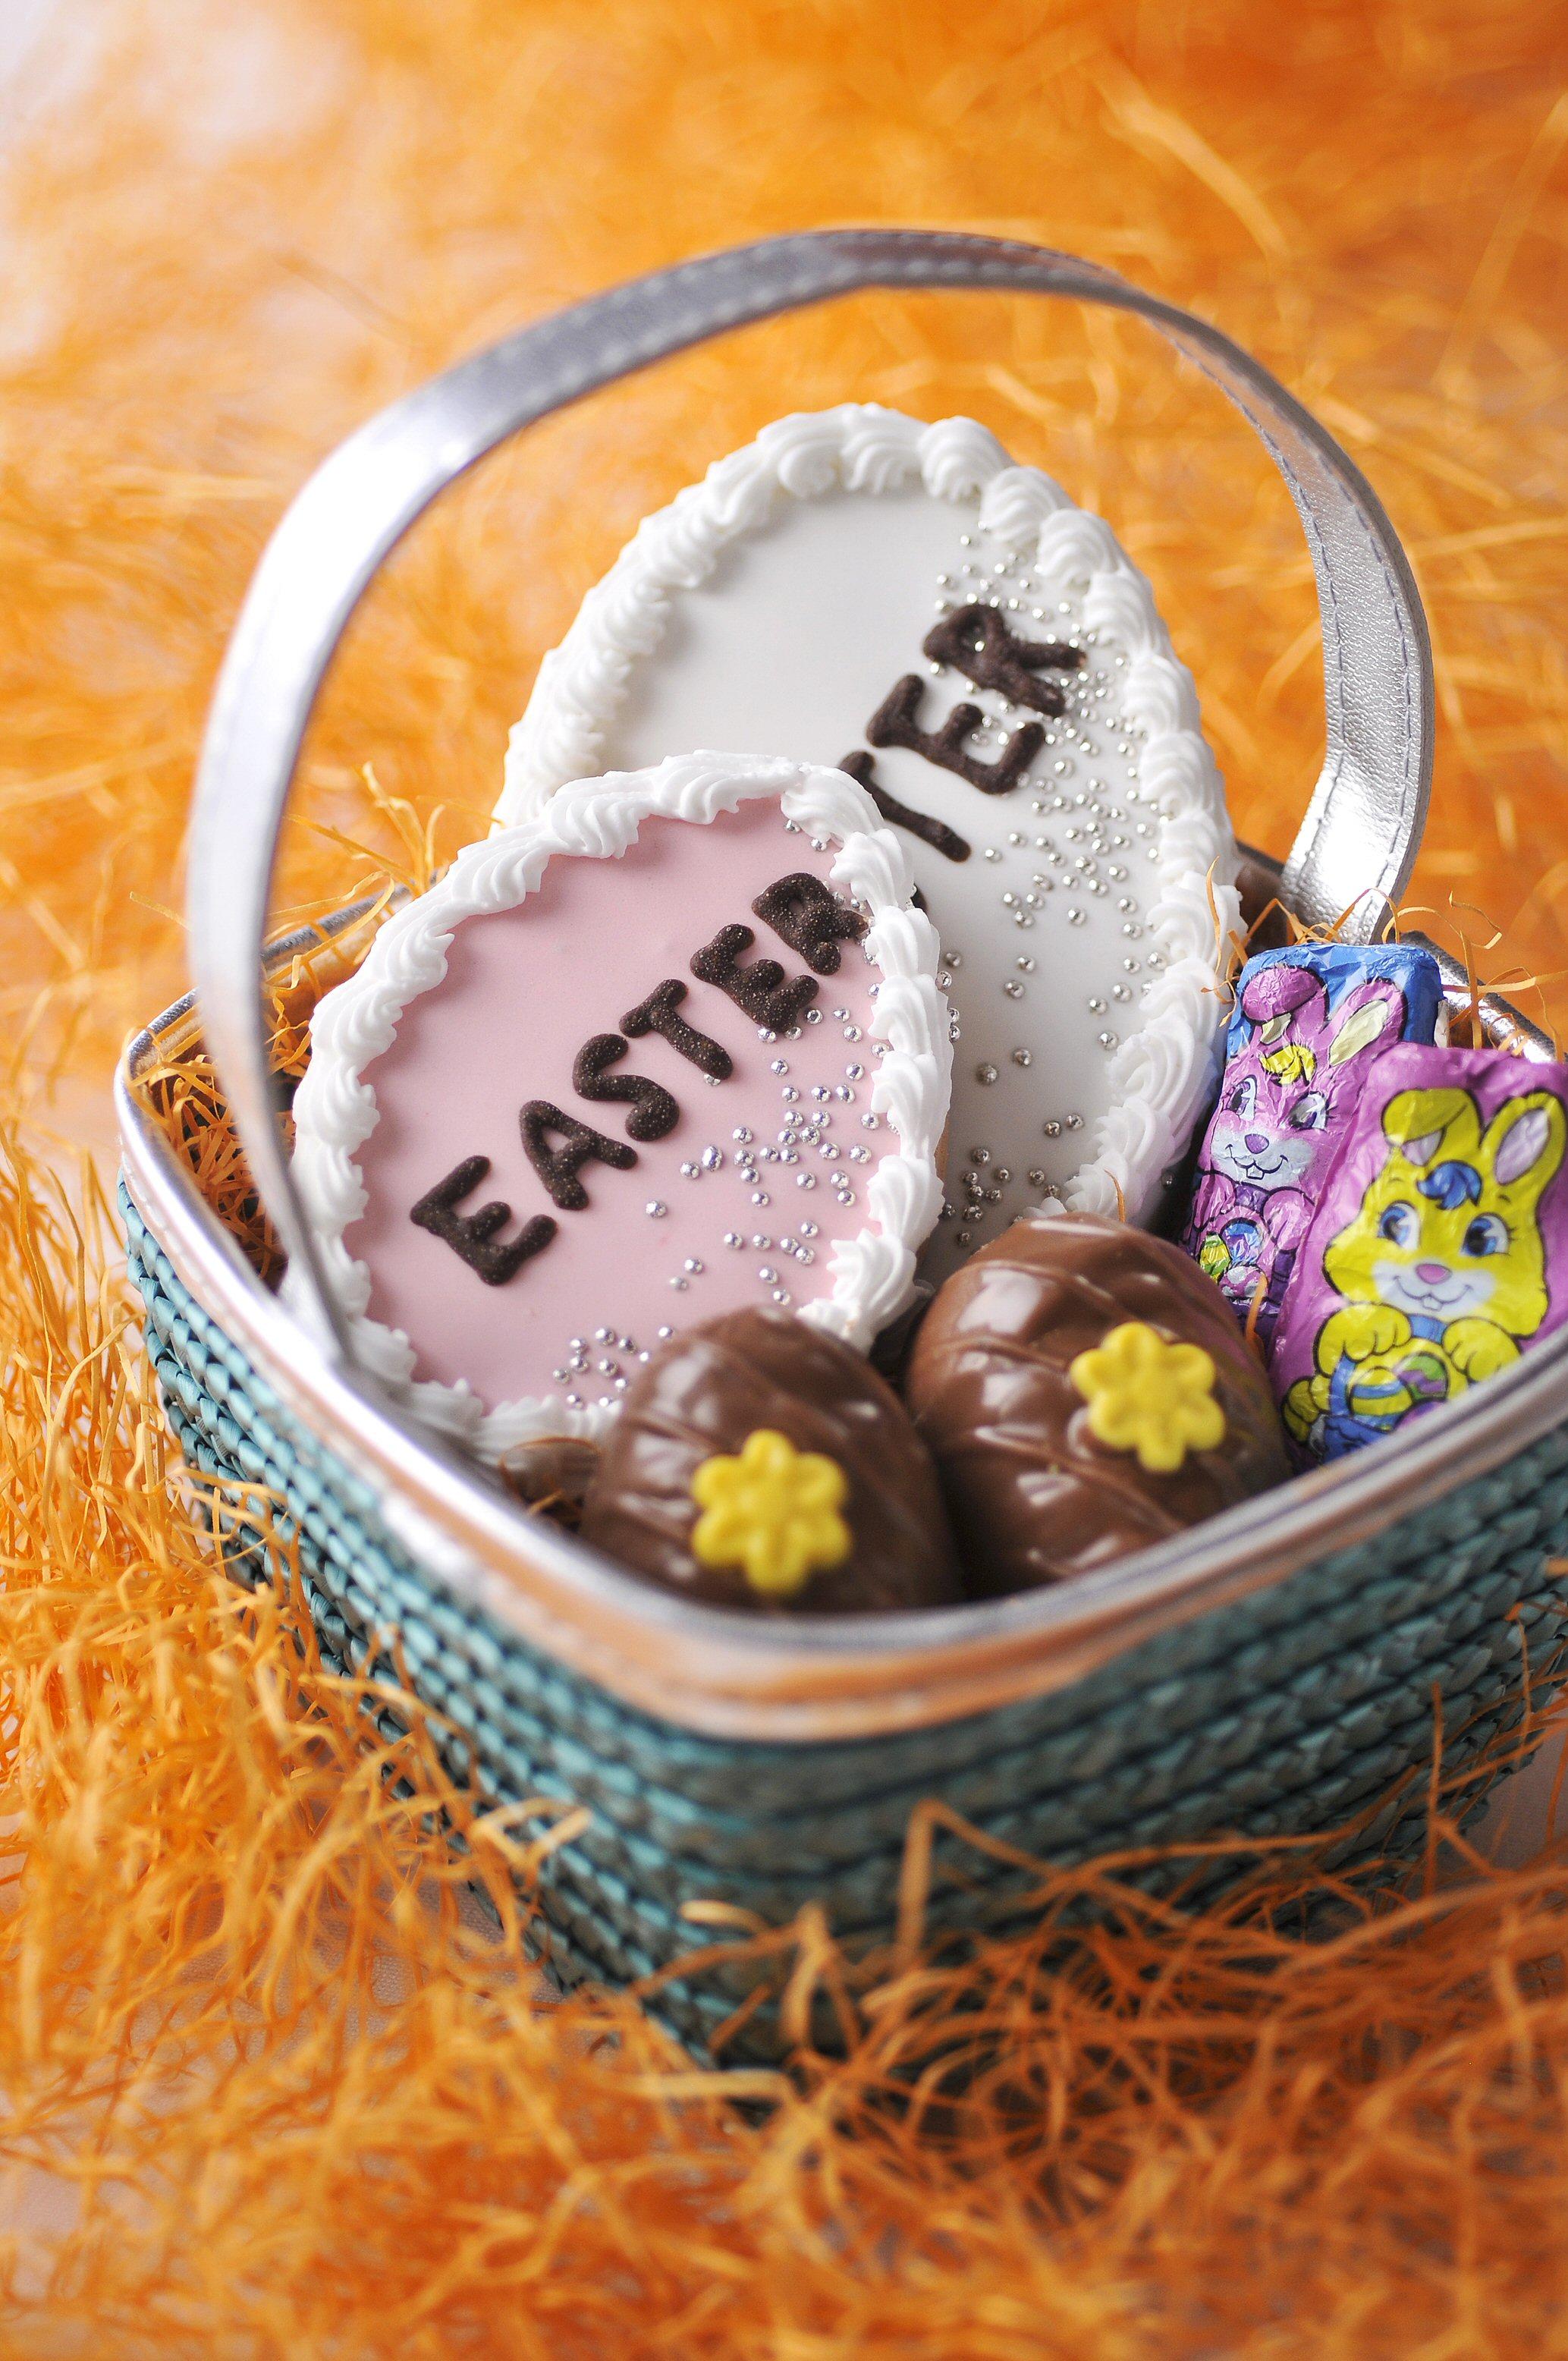 Easter at MHB